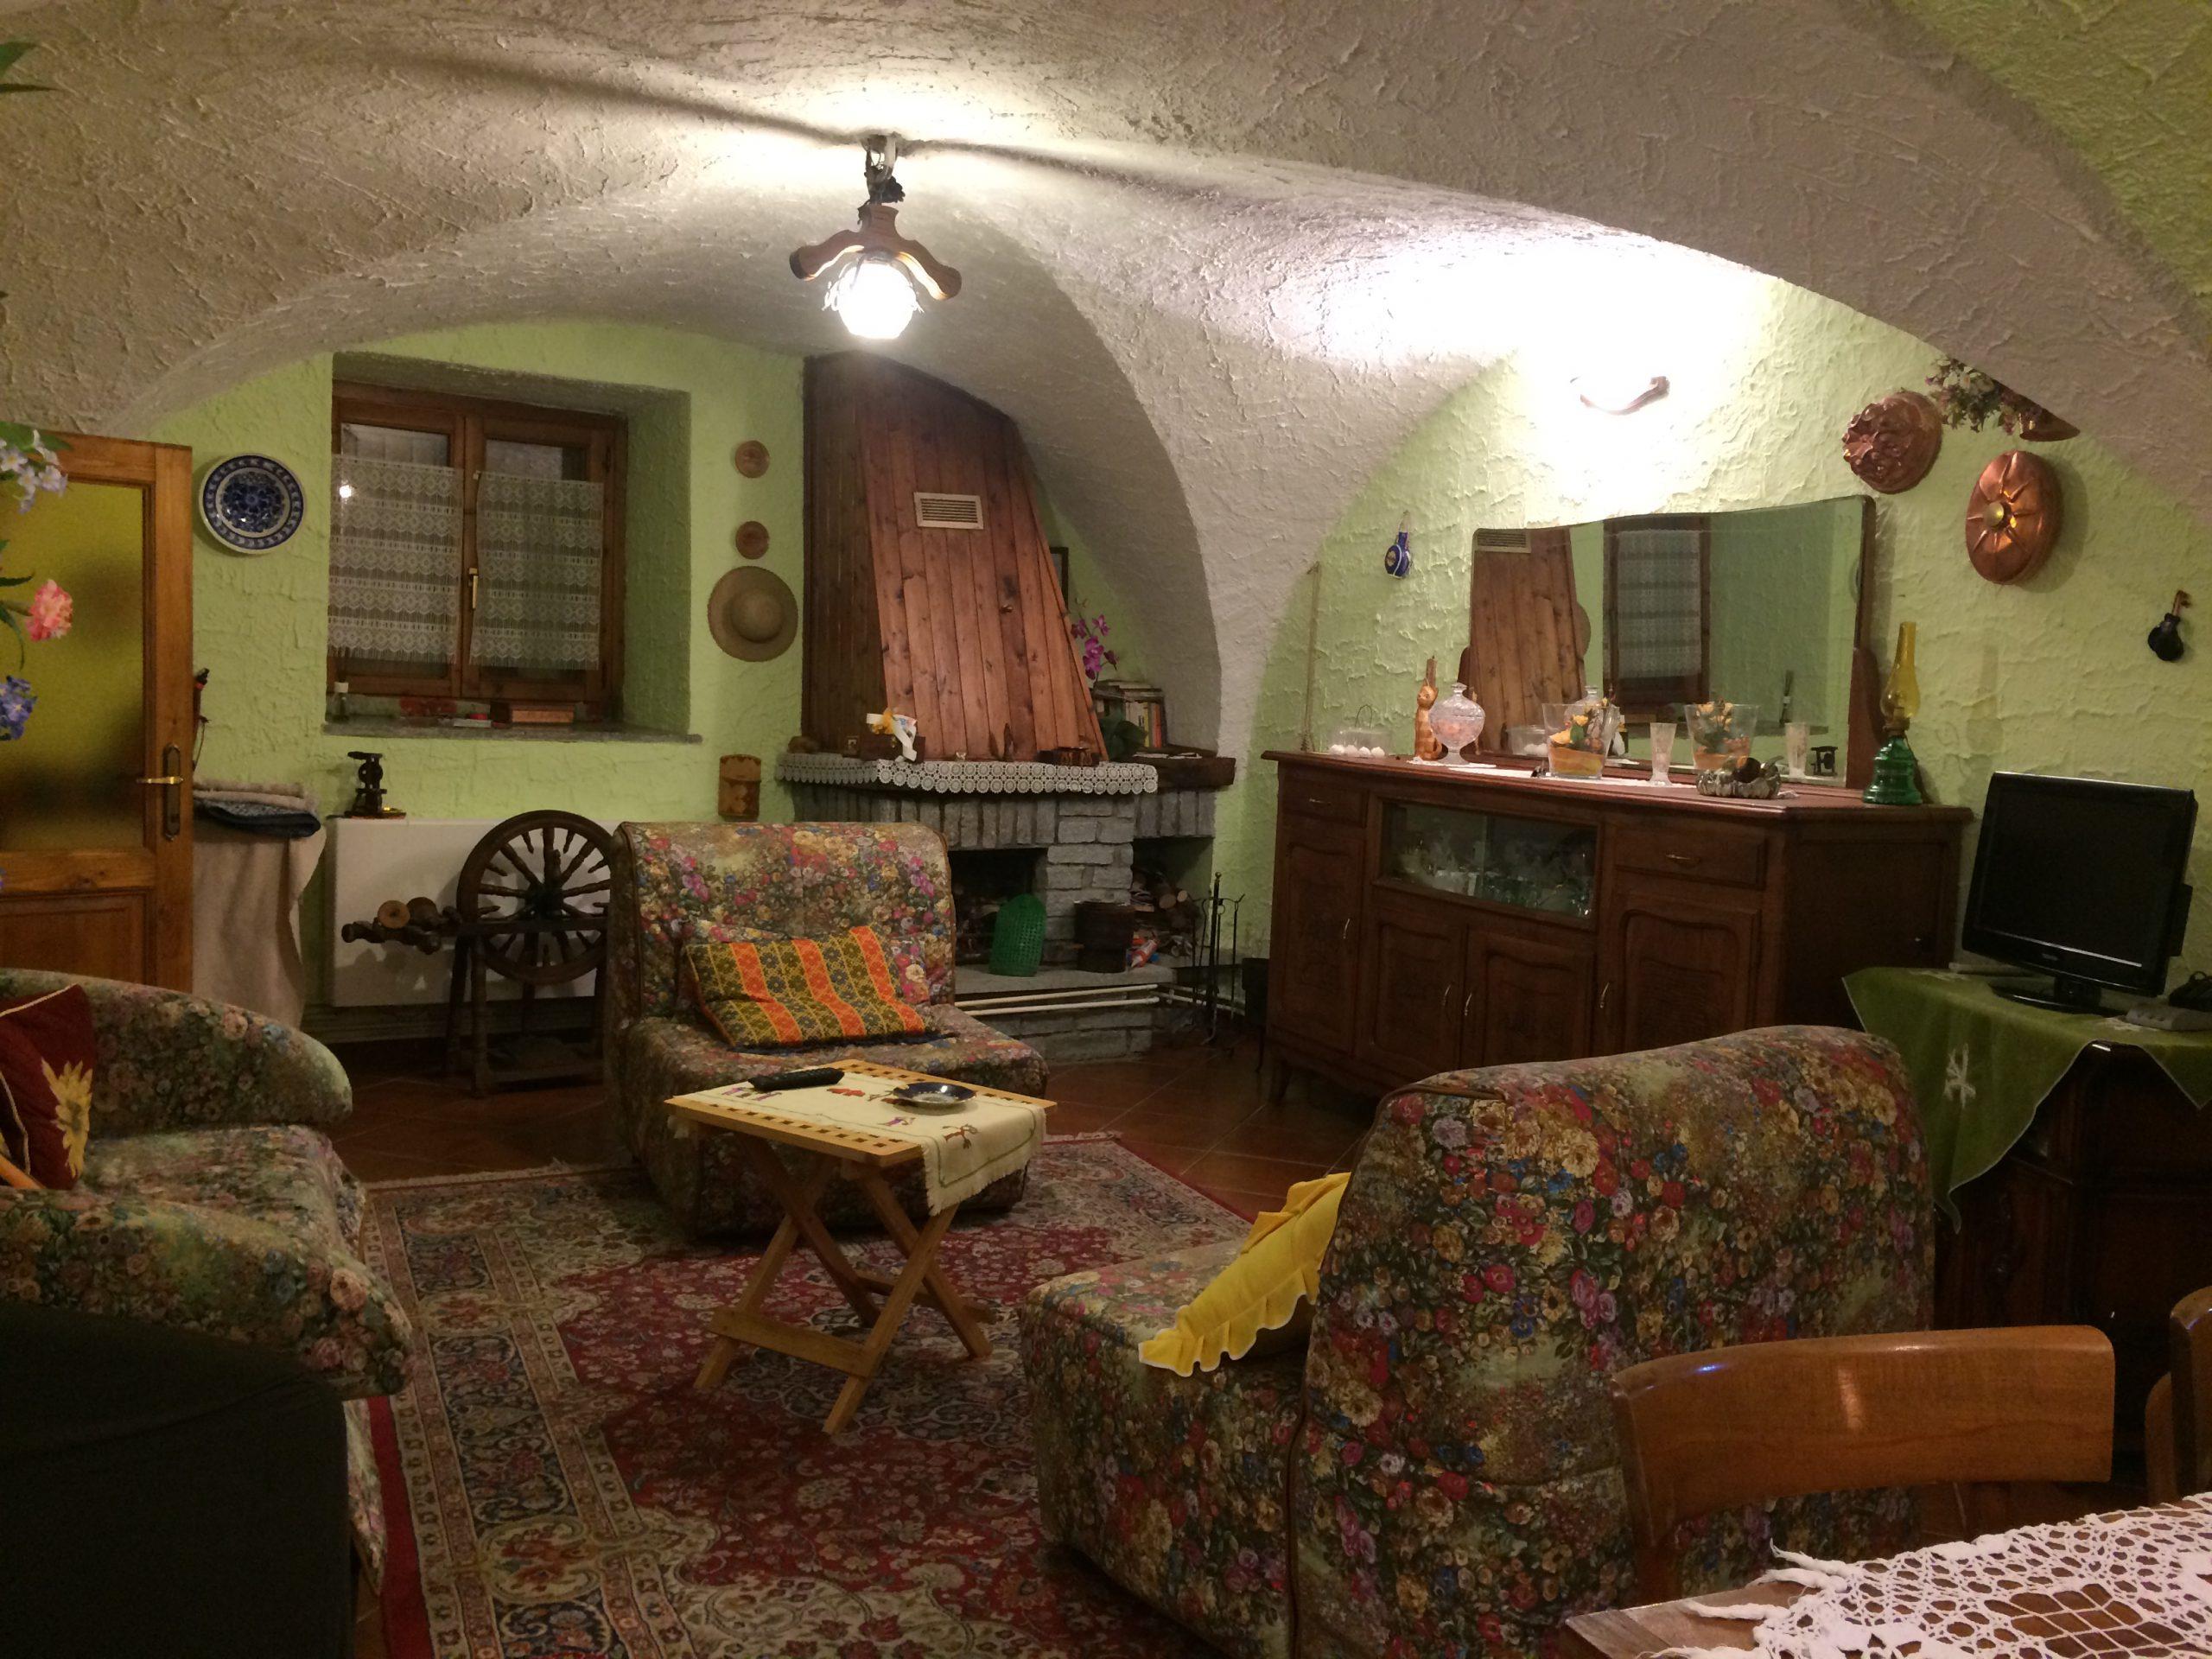 Caratteristico alloggio con volte a crociera e giardino privato